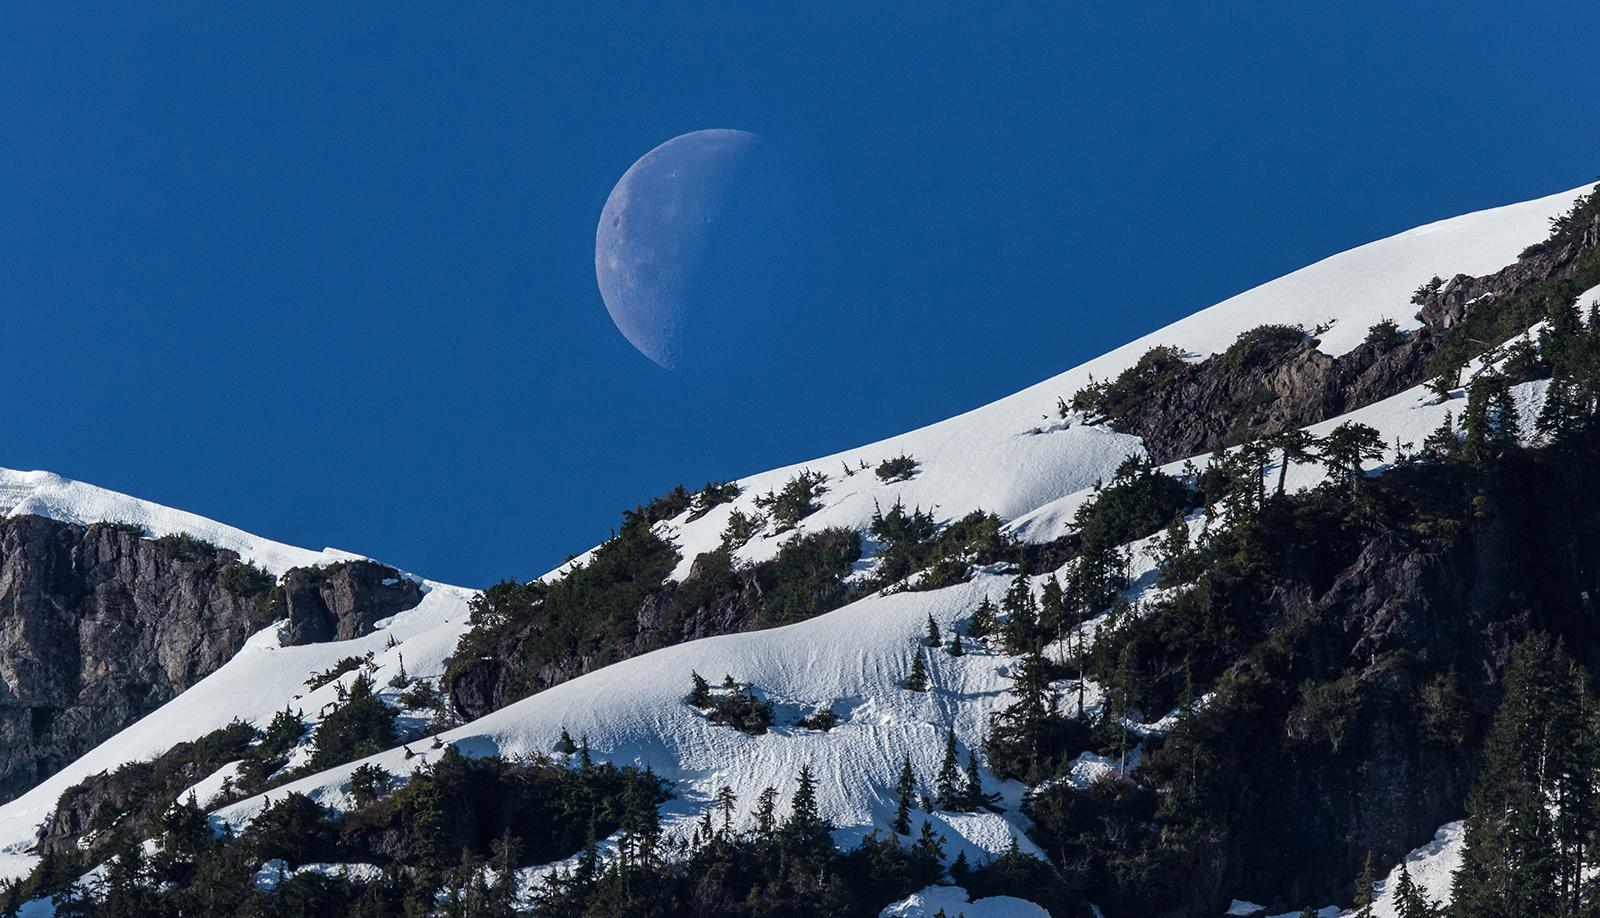 Nahmint Valley Moonset